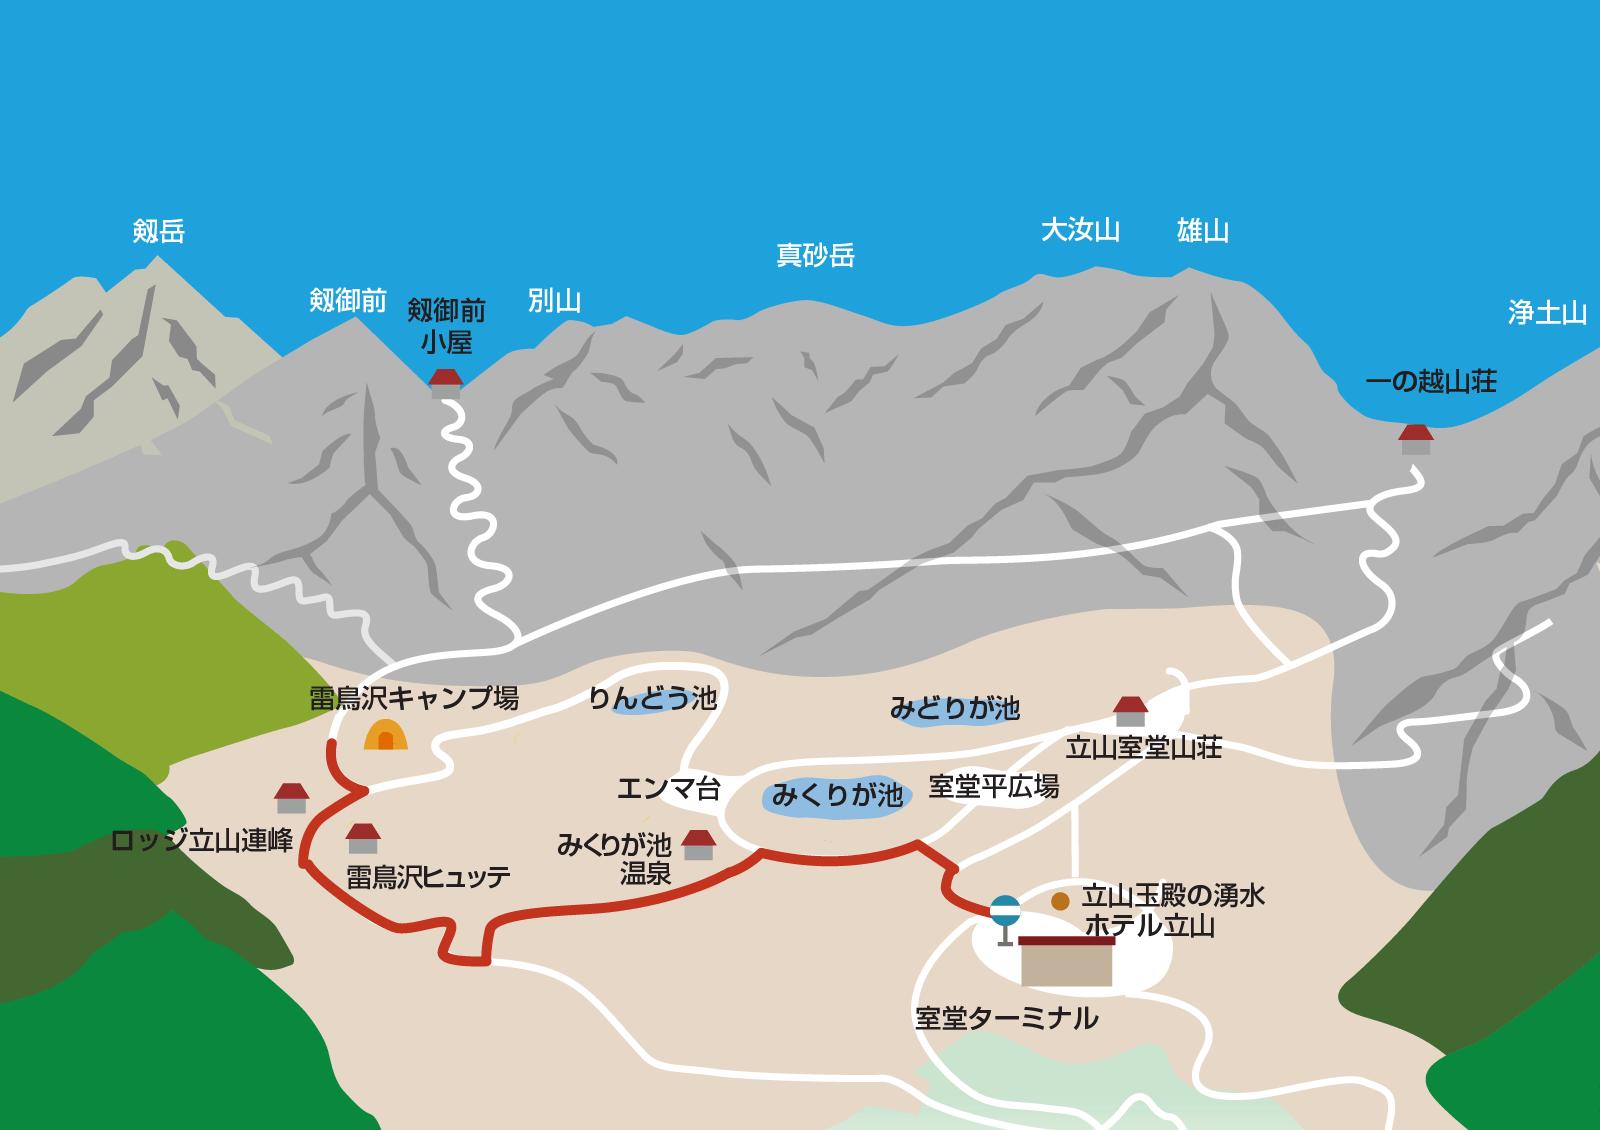 雷鳥沢キャンプ場から室堂ターミナルまでのイラストマップ